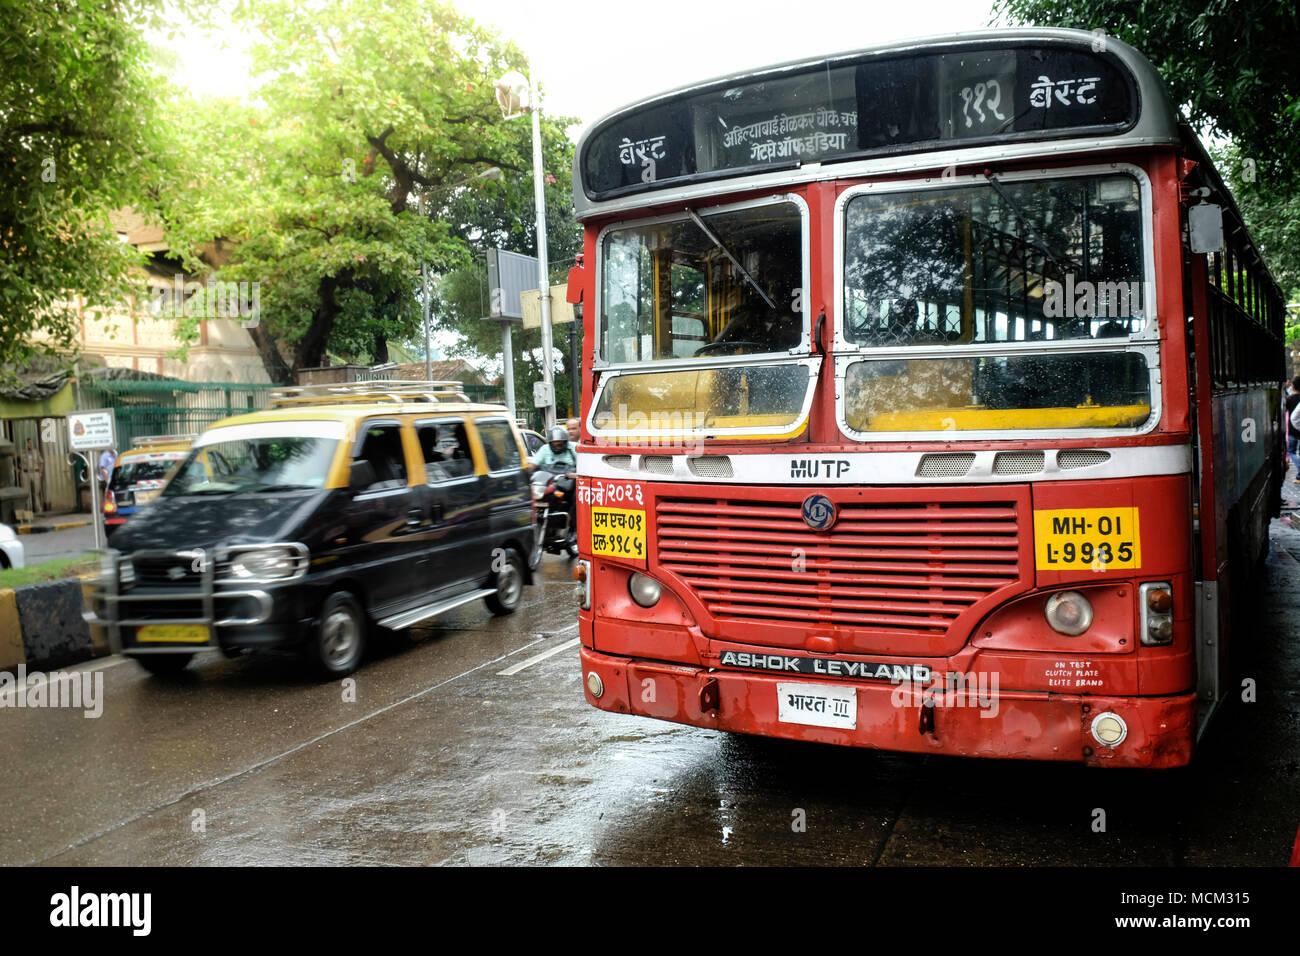 Un Brihanmumbai l'approvisionnement en électricité et les transports (BEST) Ashok Leyland local bus garés à Nariman Point, Colaba, Mumbai Photo Stock